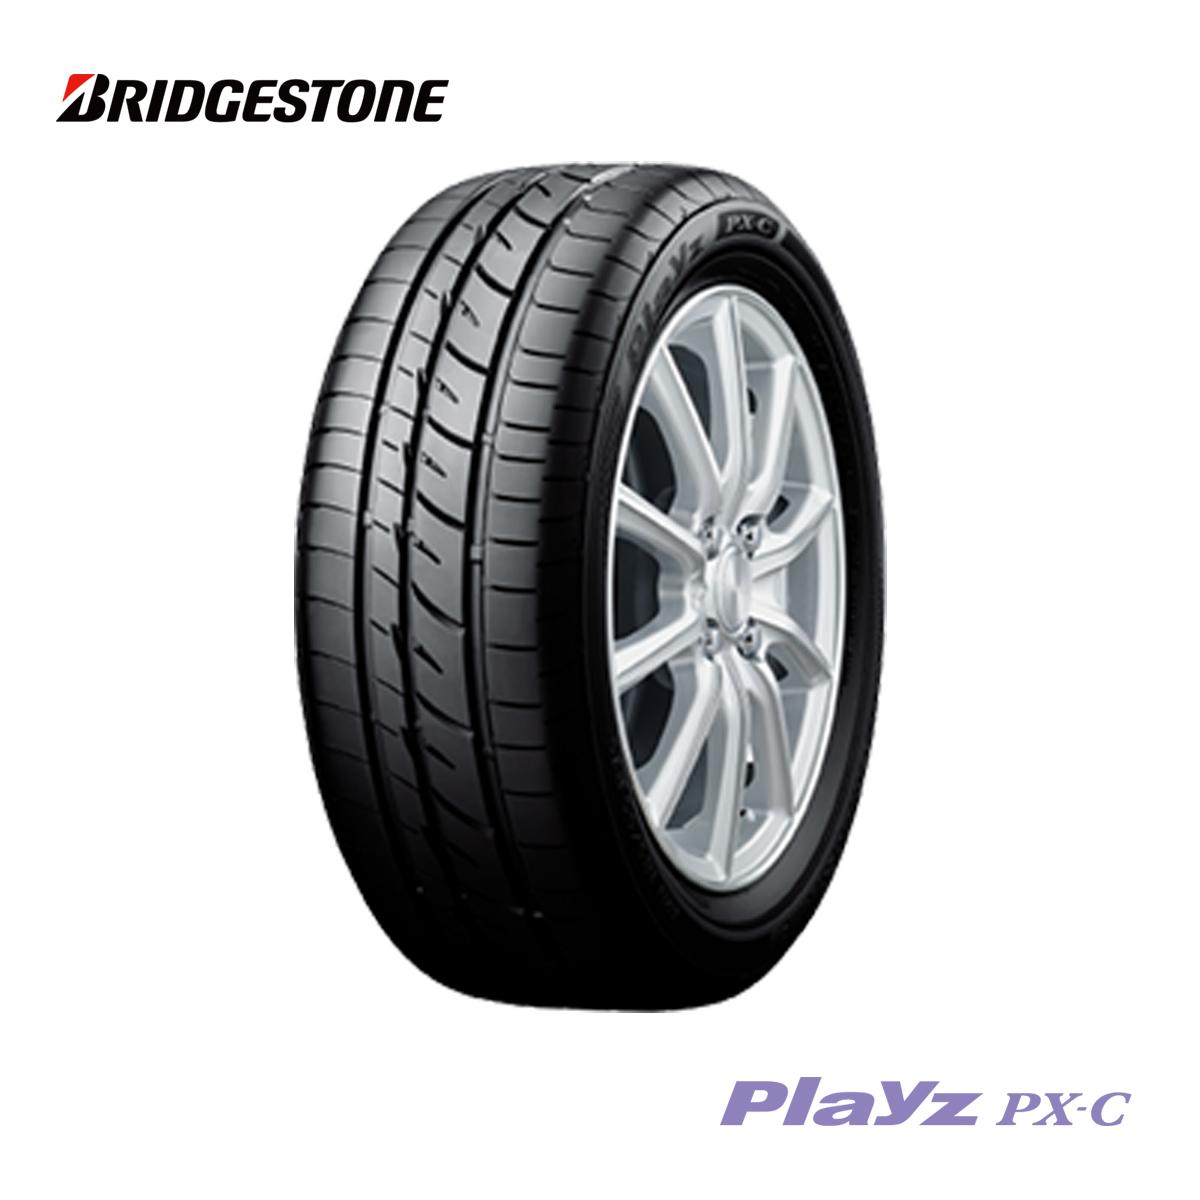 ブリヂストン BS 15インチ タイヤ 175/65R15 175 65 15 84H プレイズ サマー タイヤ 2本 84H 低燃費 エコ 夏 軽 コンパクト BRIDGESTONE Playz PX-C